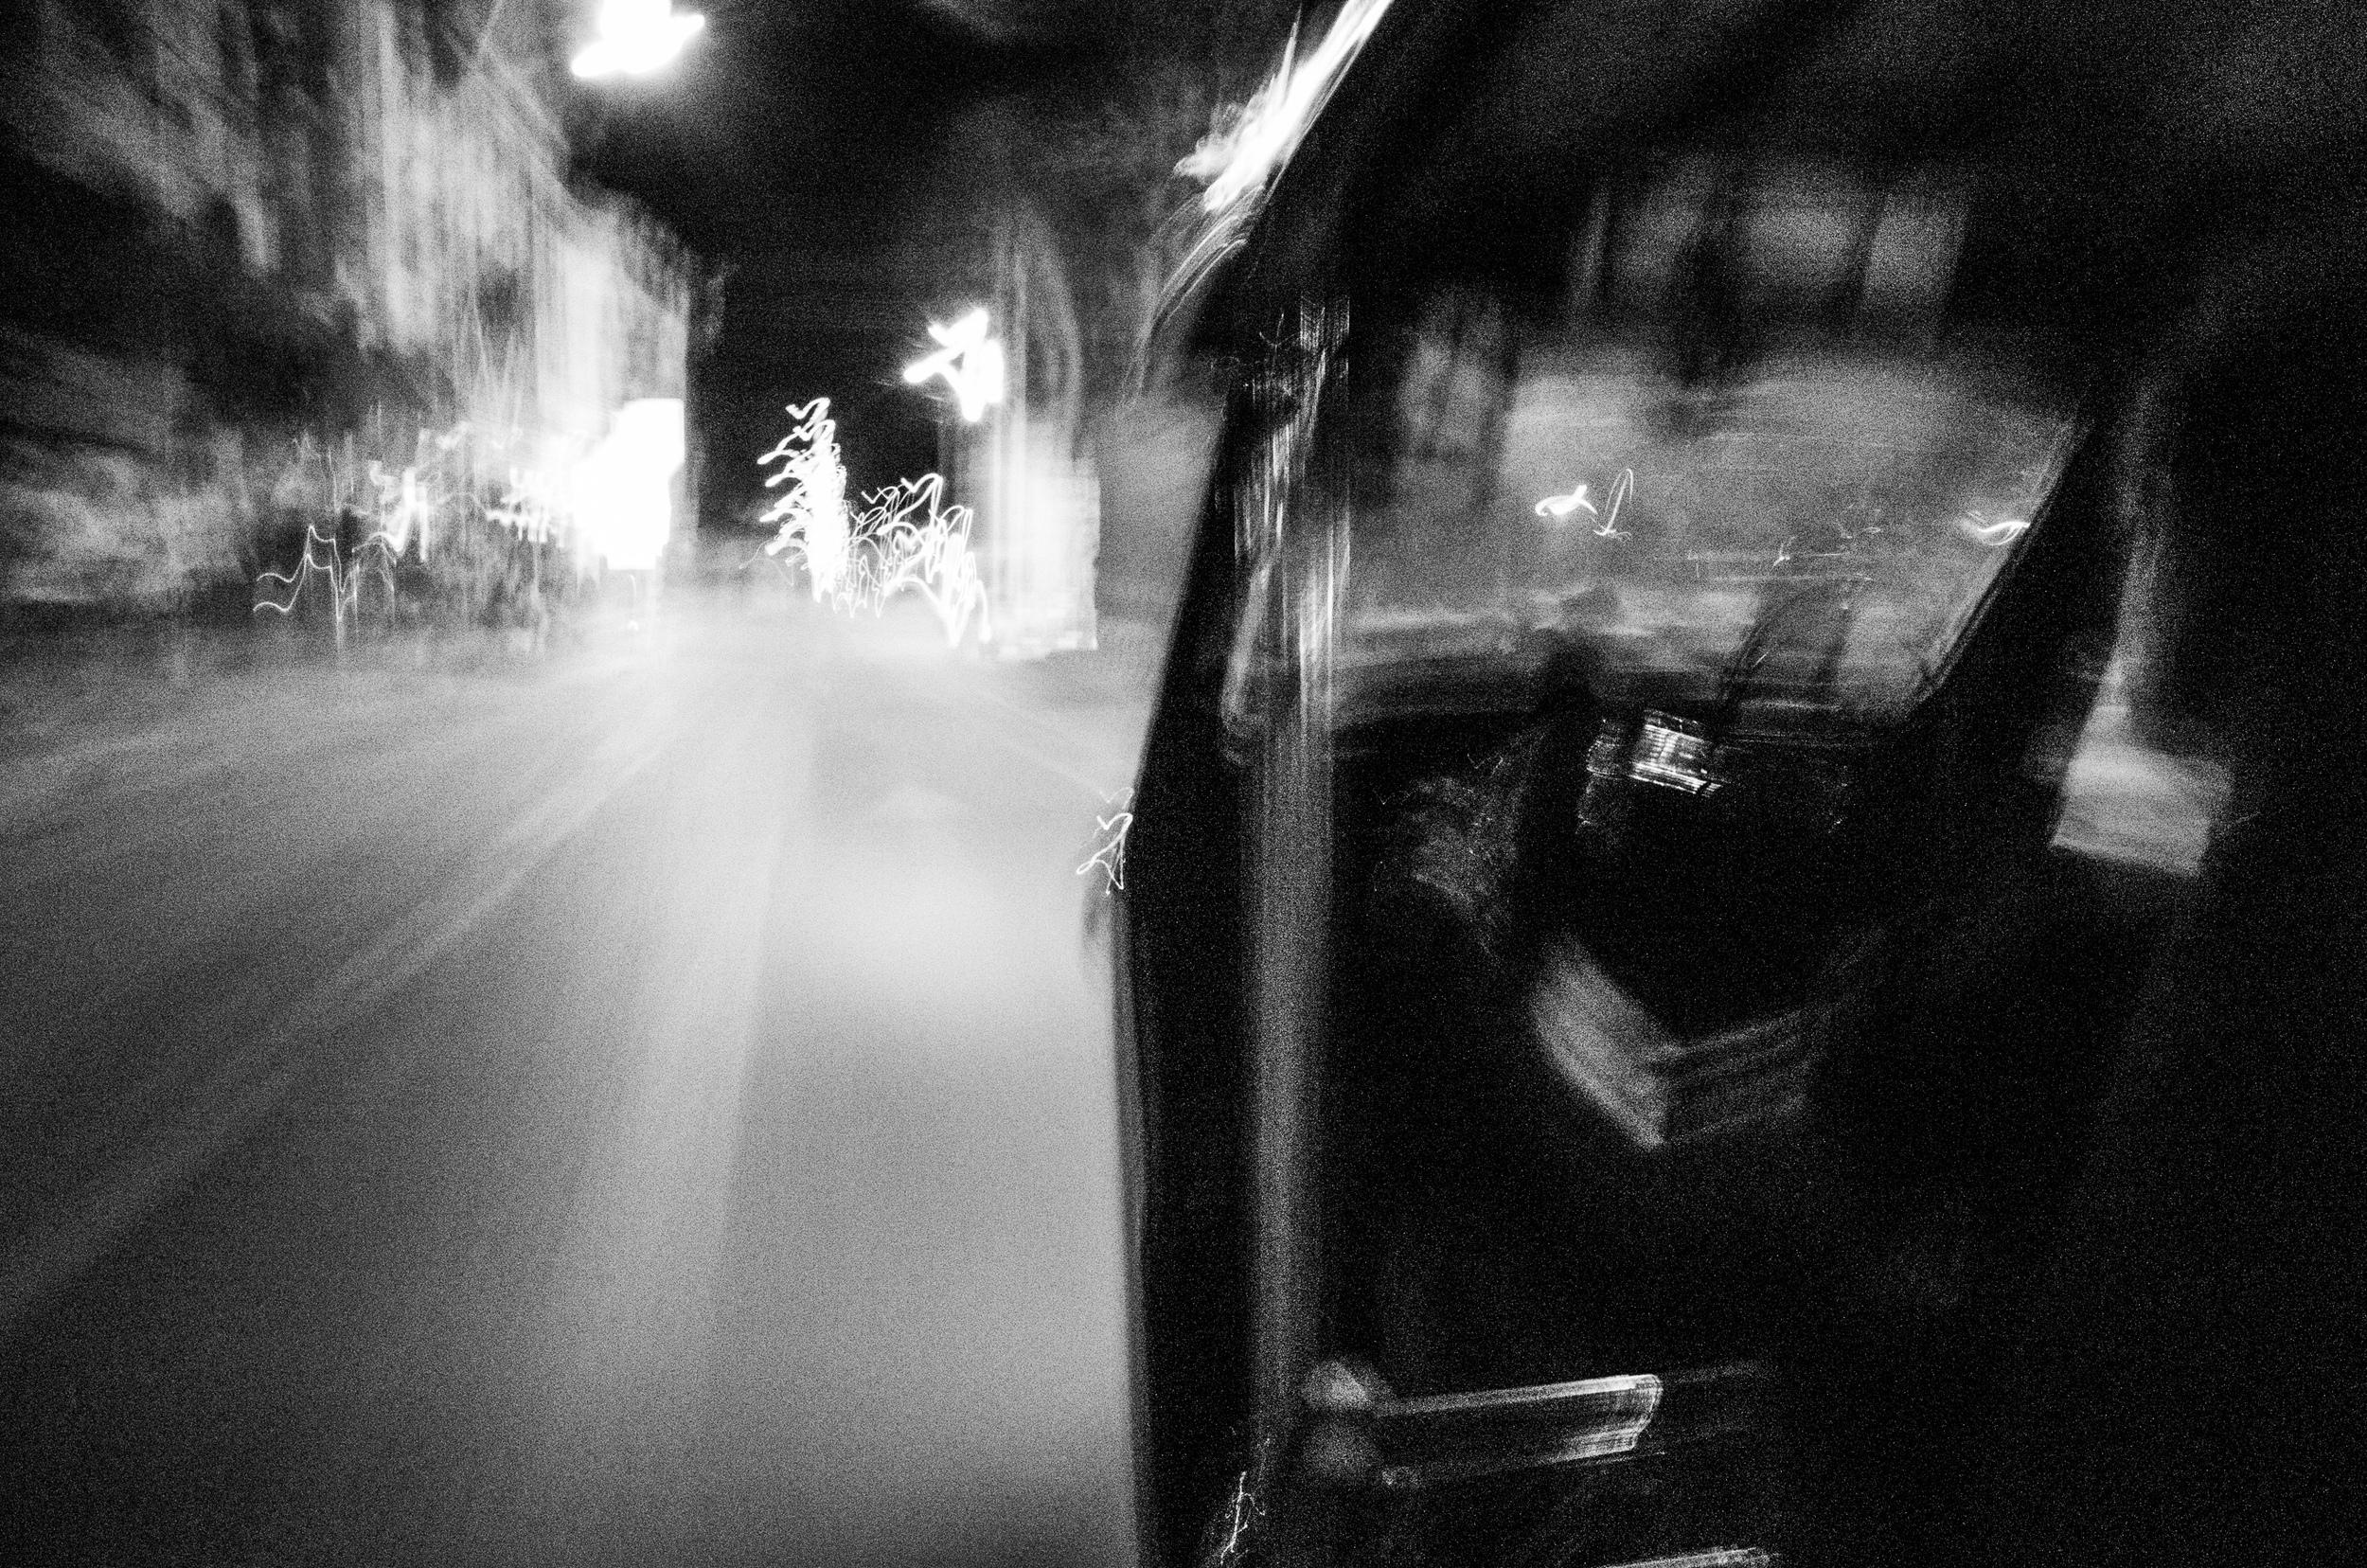 tuk-tuk-night-ride-09.jpg